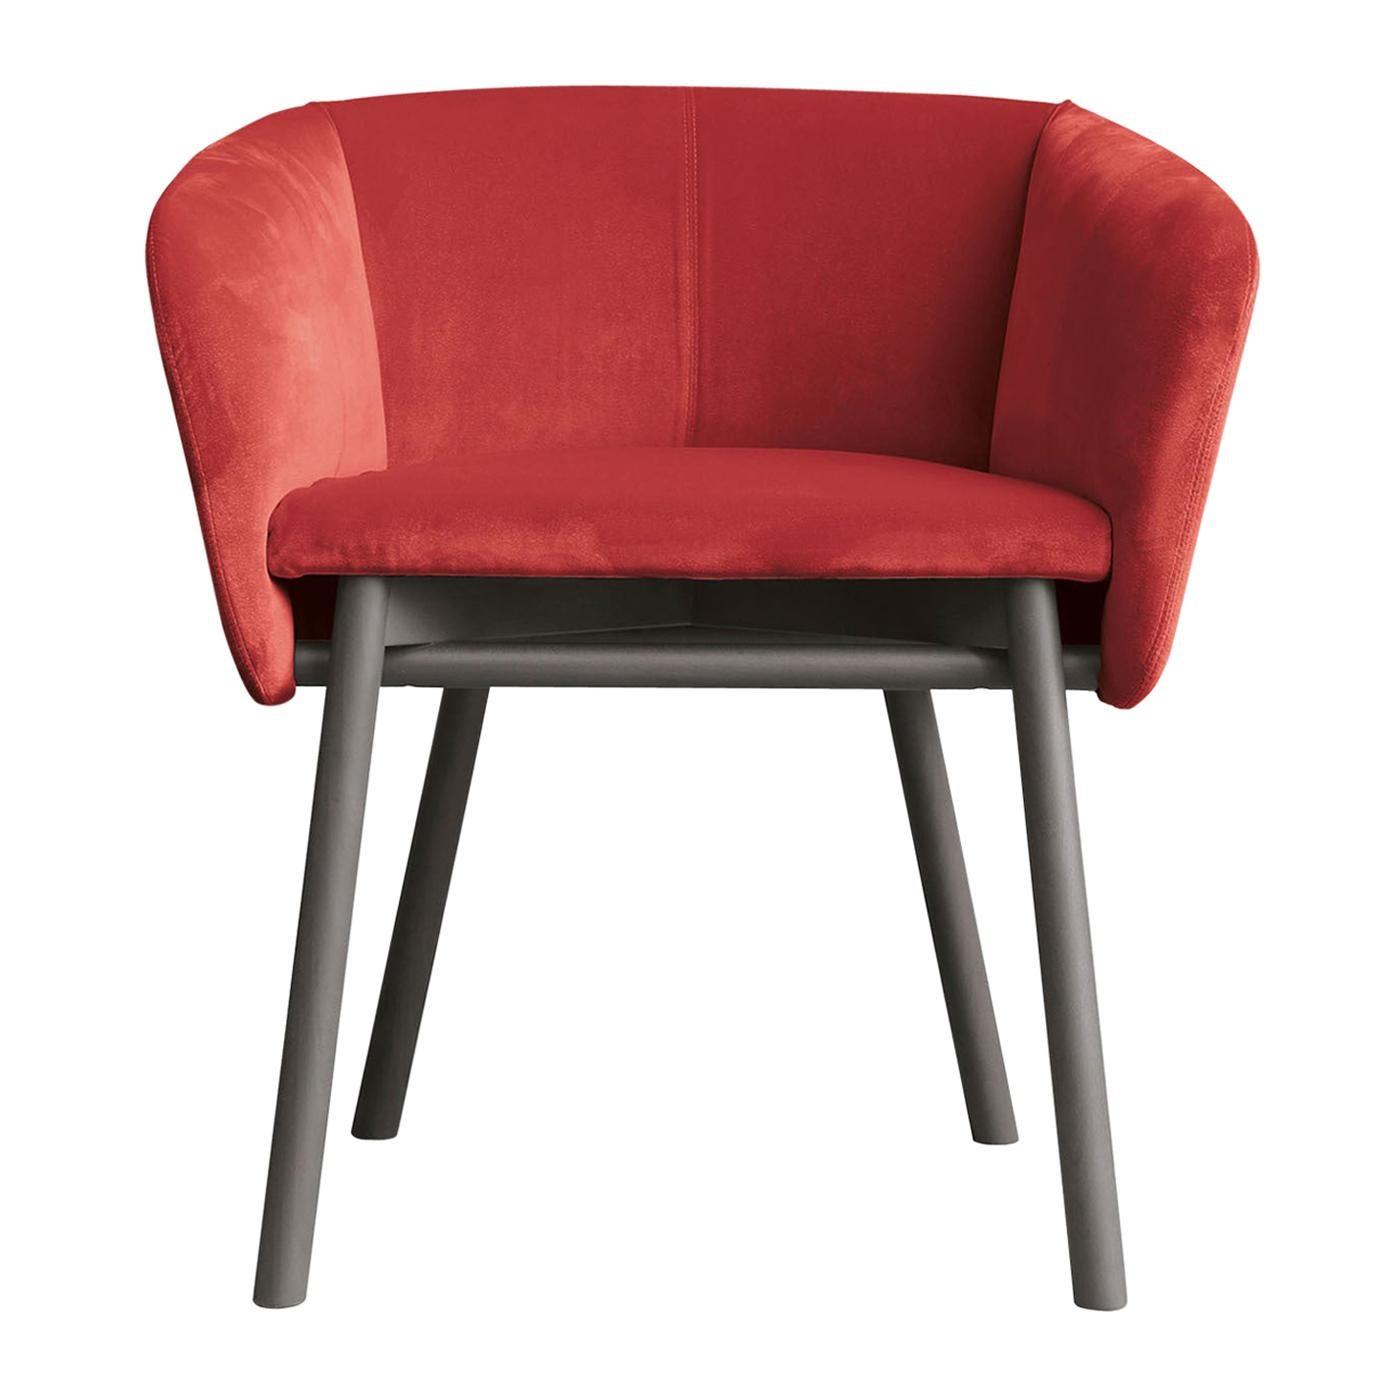 Balù Red Chair by Emilio Nanni